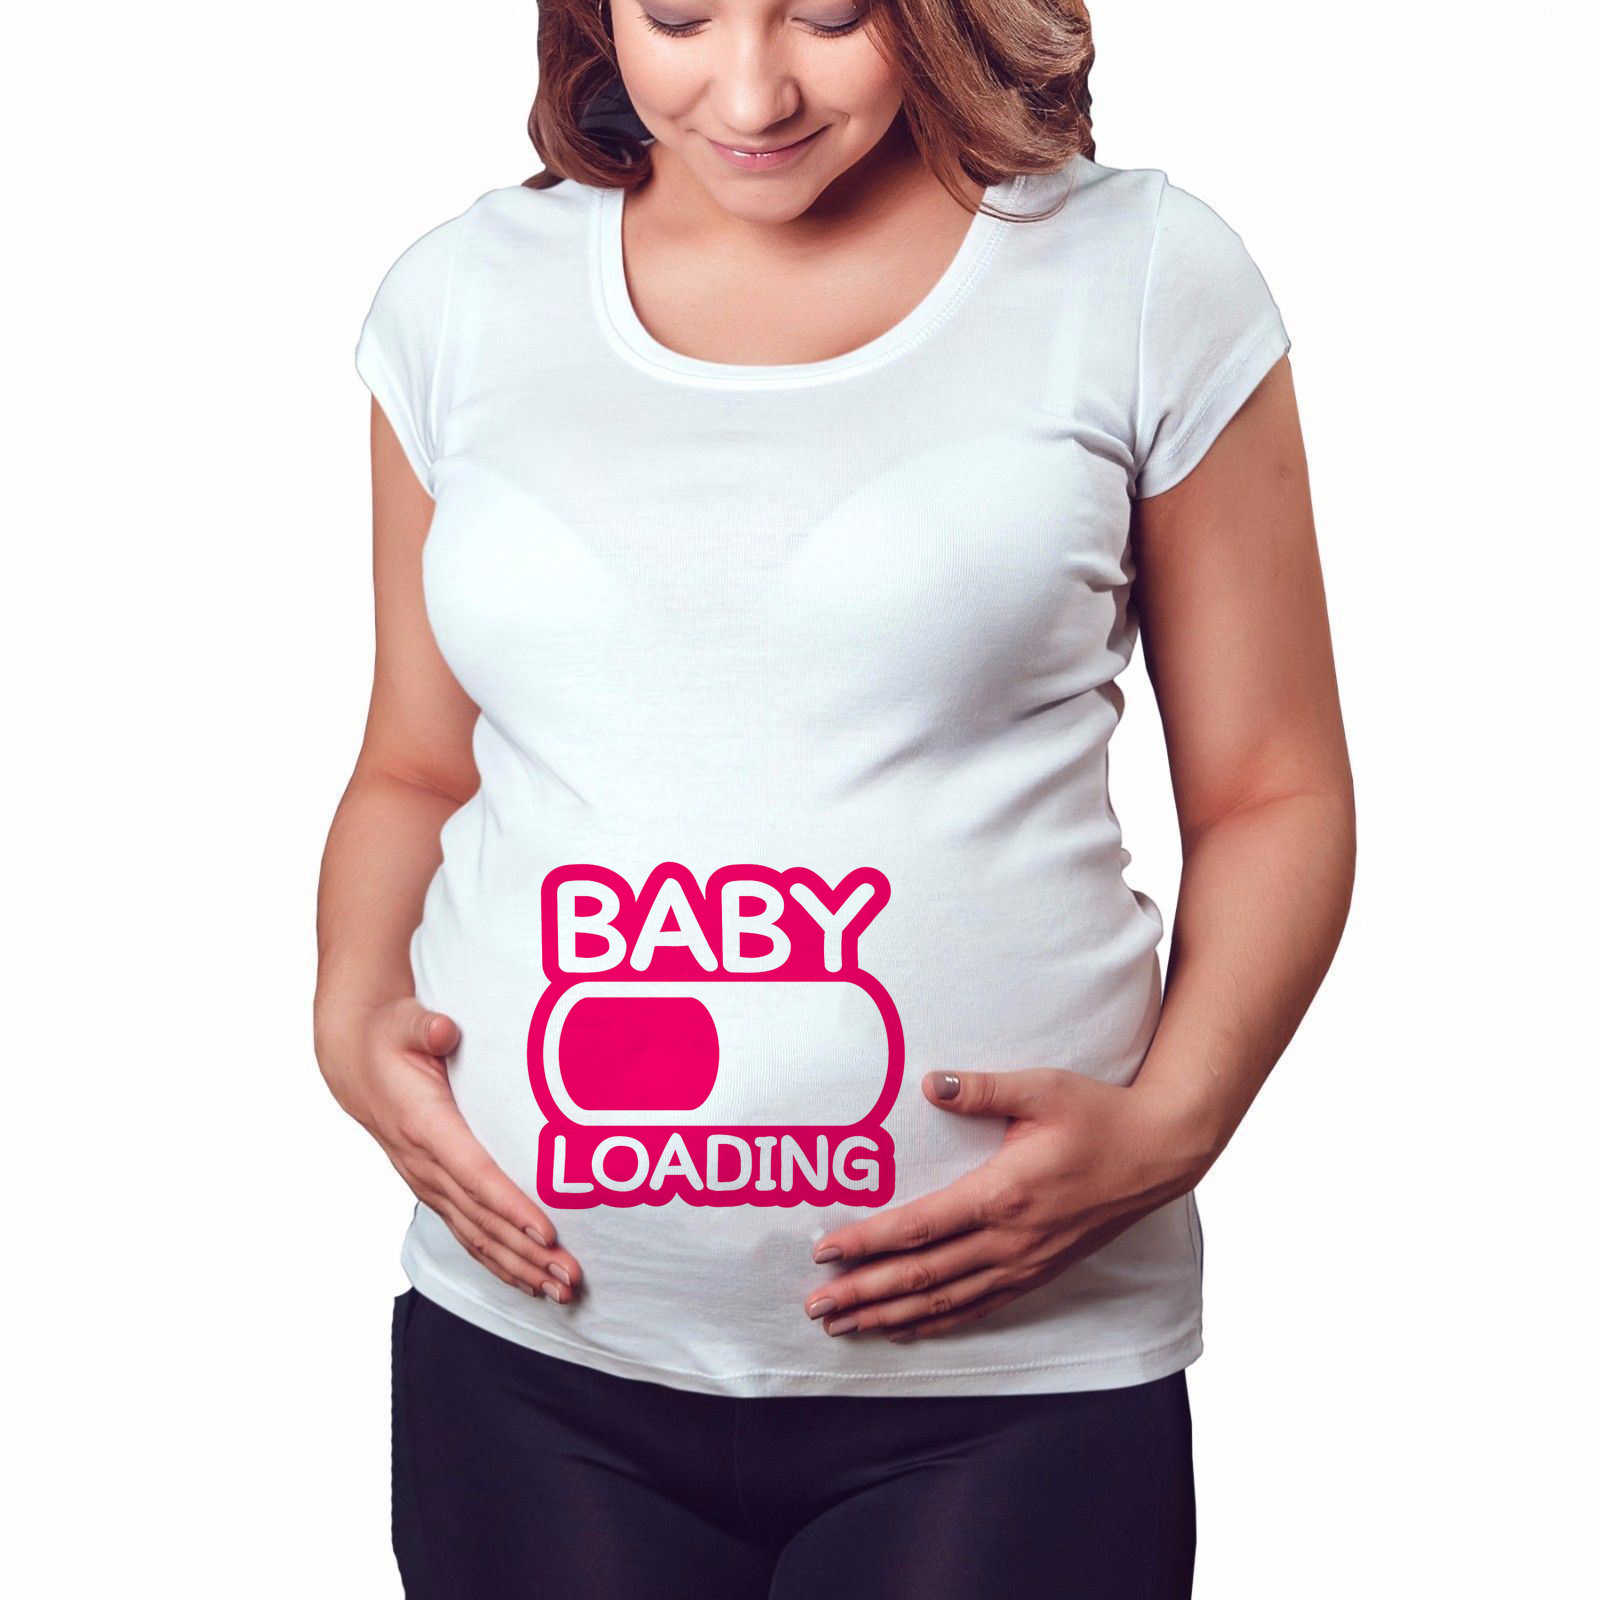 2020 nova marca das mulheres roupas de gravidez do bebê agora carregamento por favor espere maternidade t camisa verão manga curta camisetas grávidas